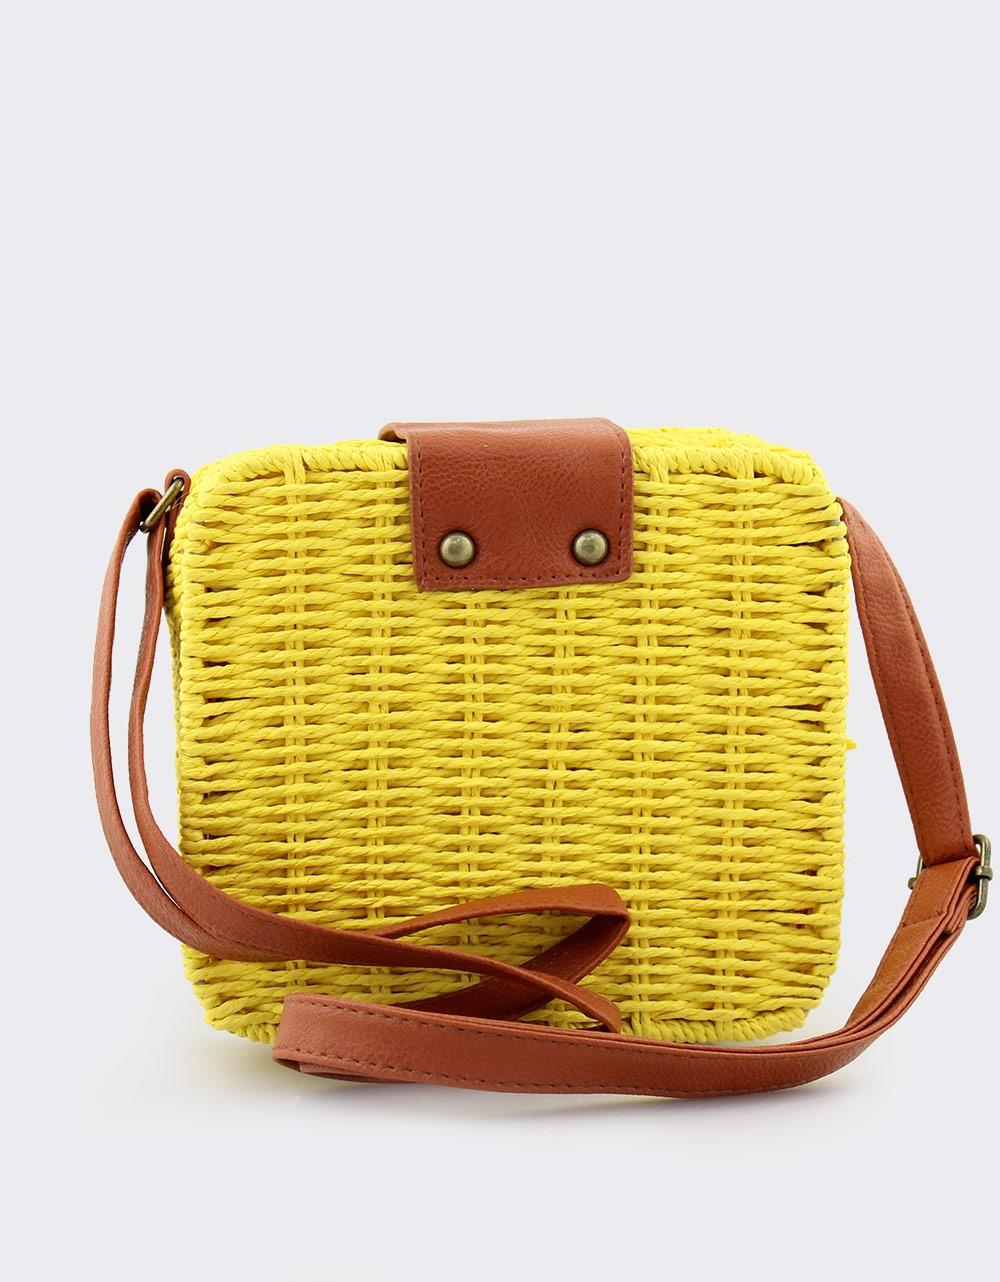 Εικόνα από Γυναικείες τσάντες ώμου τετράγωνες Κίτρινο